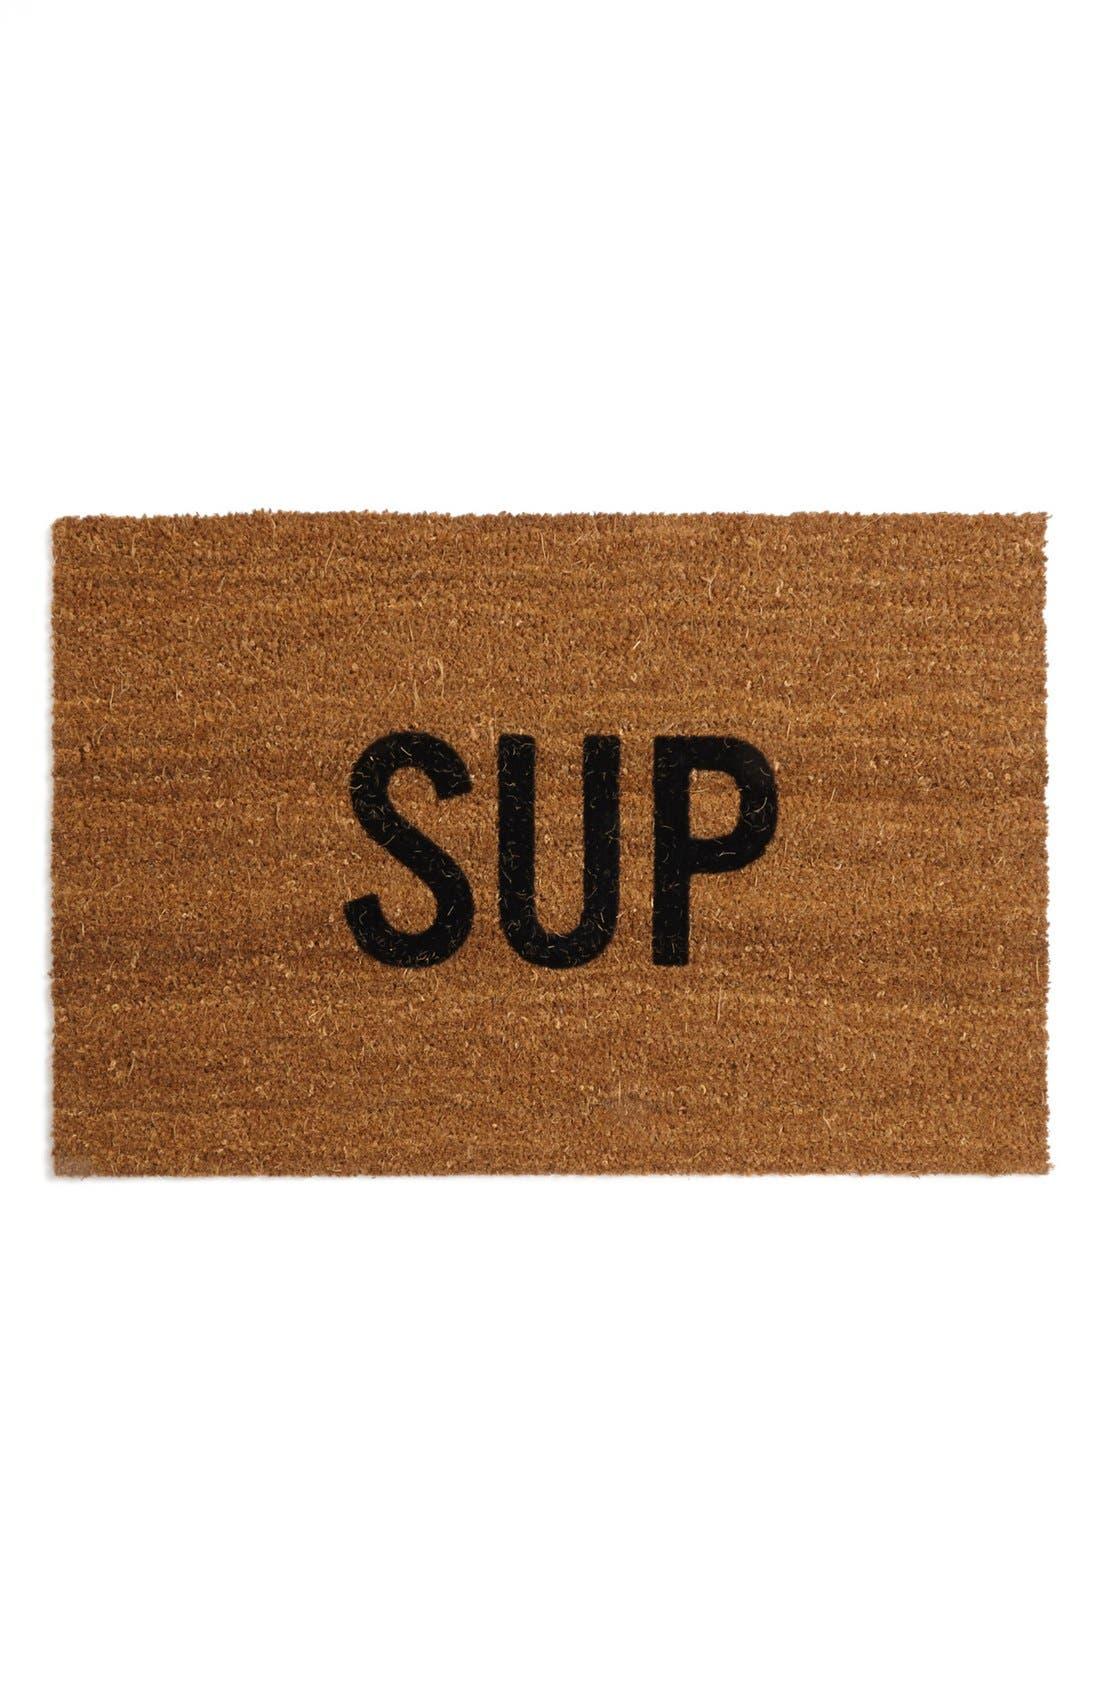 Main Image - Reed Wilson Design 'Sup' Doormat